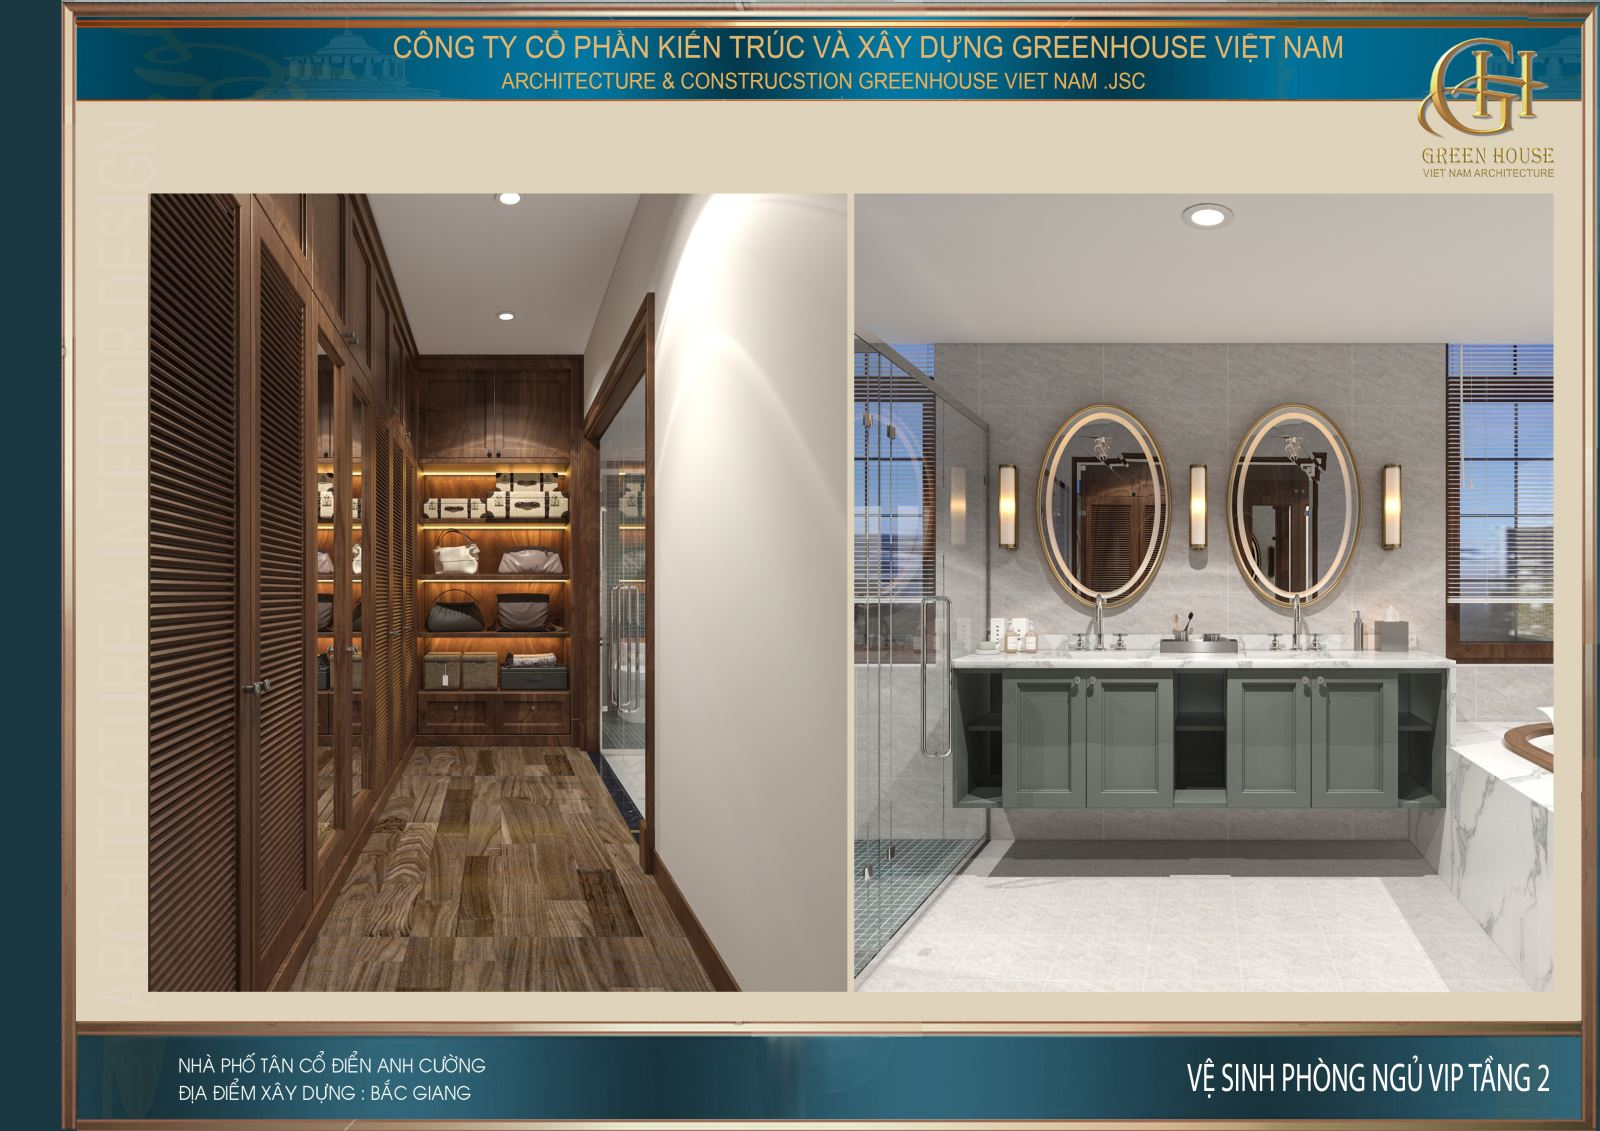 Thiết kế nội thất phòng tắm với phòng tắm kính và bồn tắm lớn